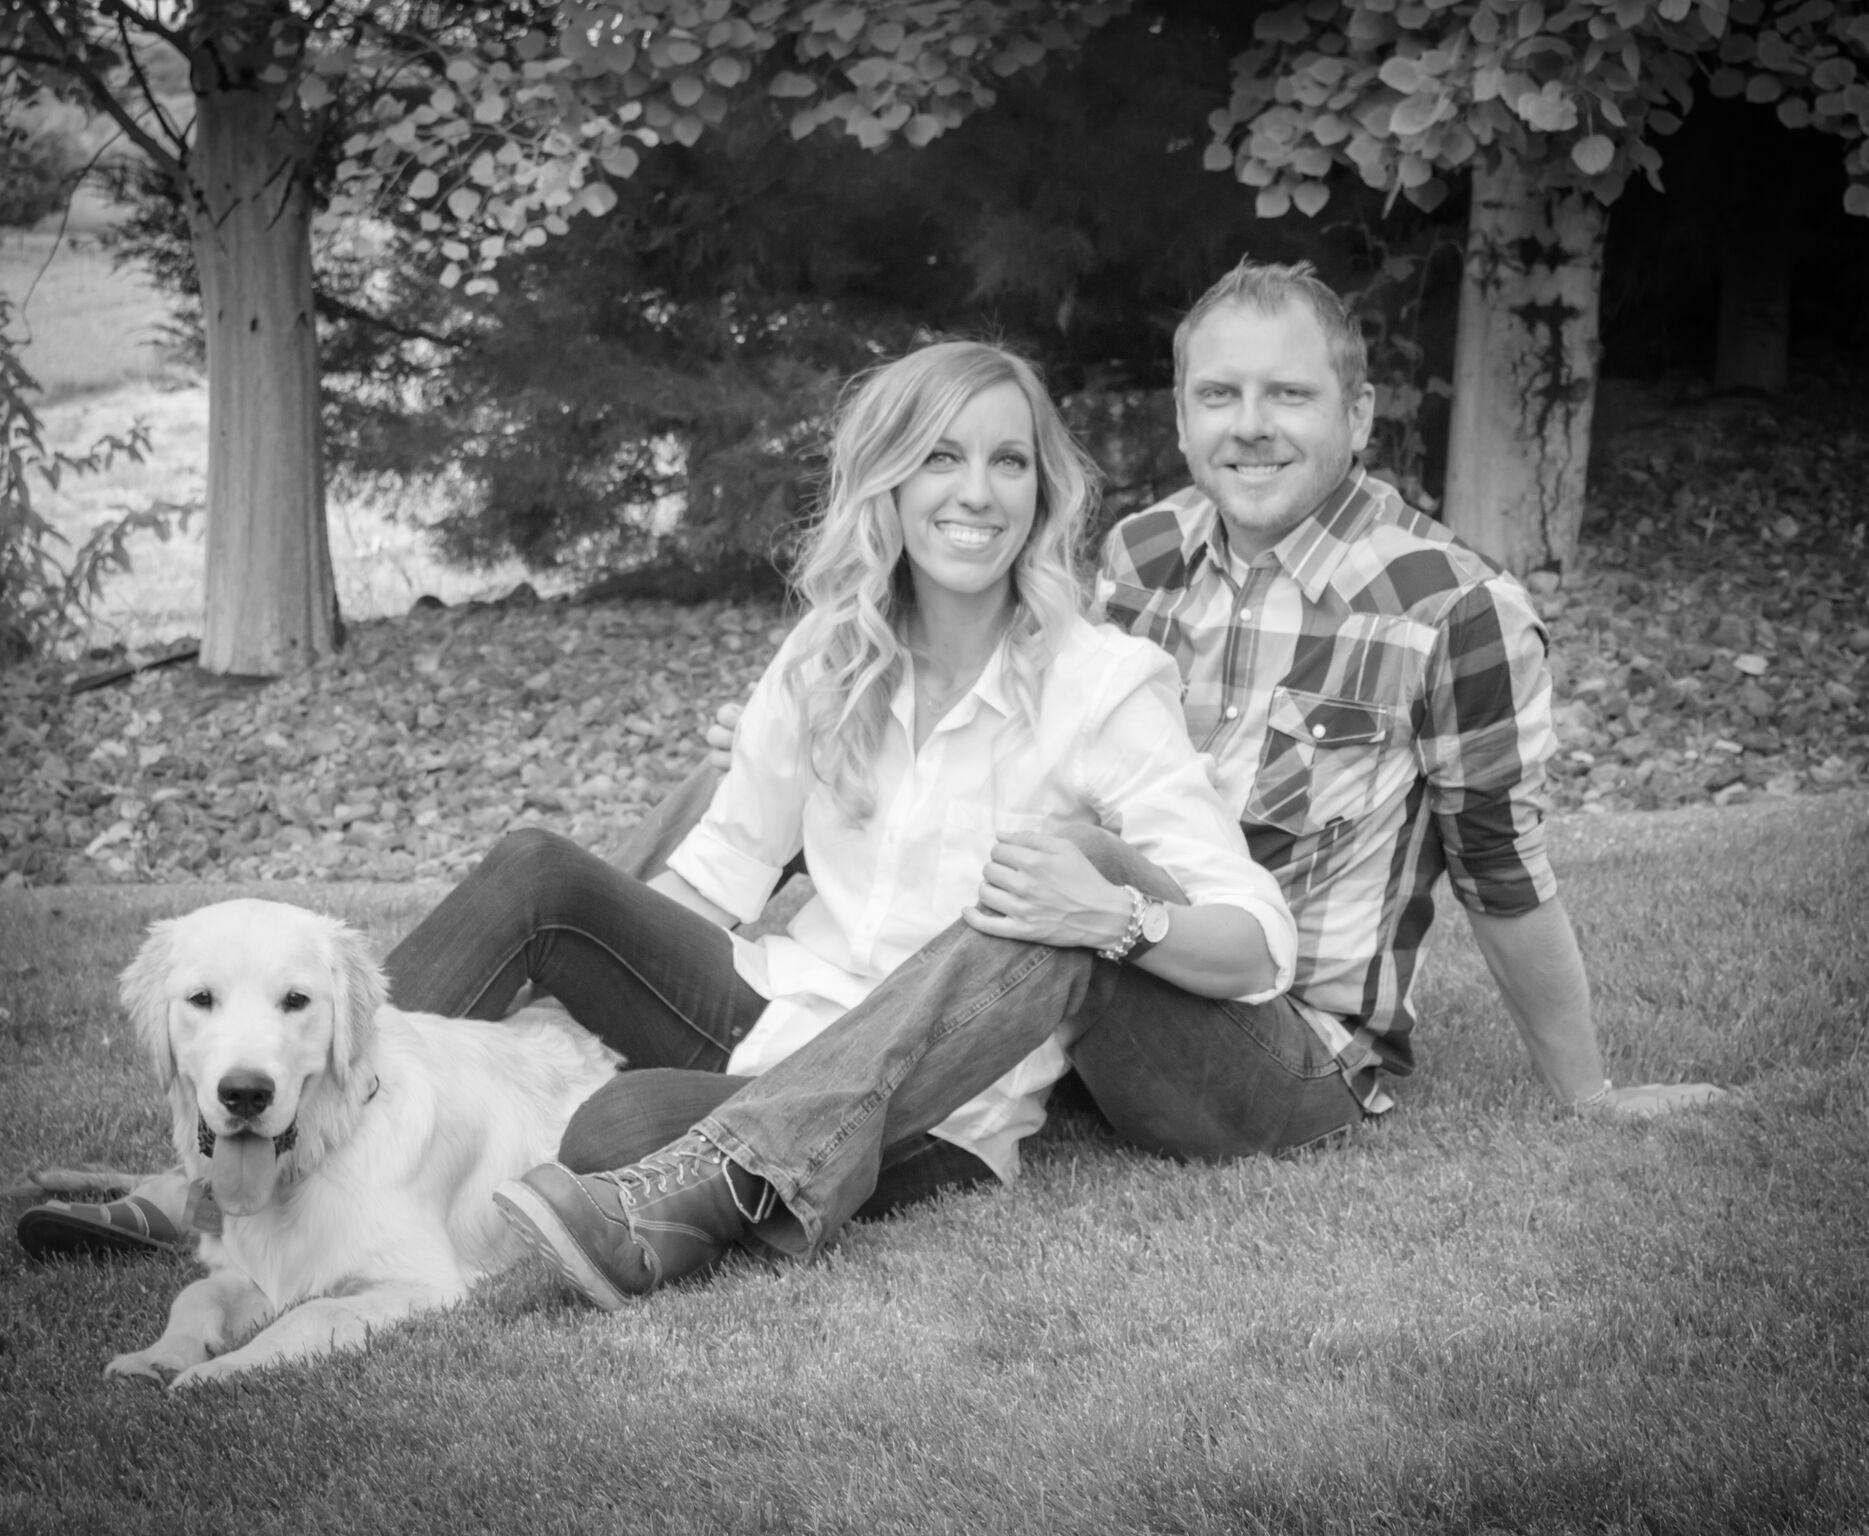 brandi walker and family